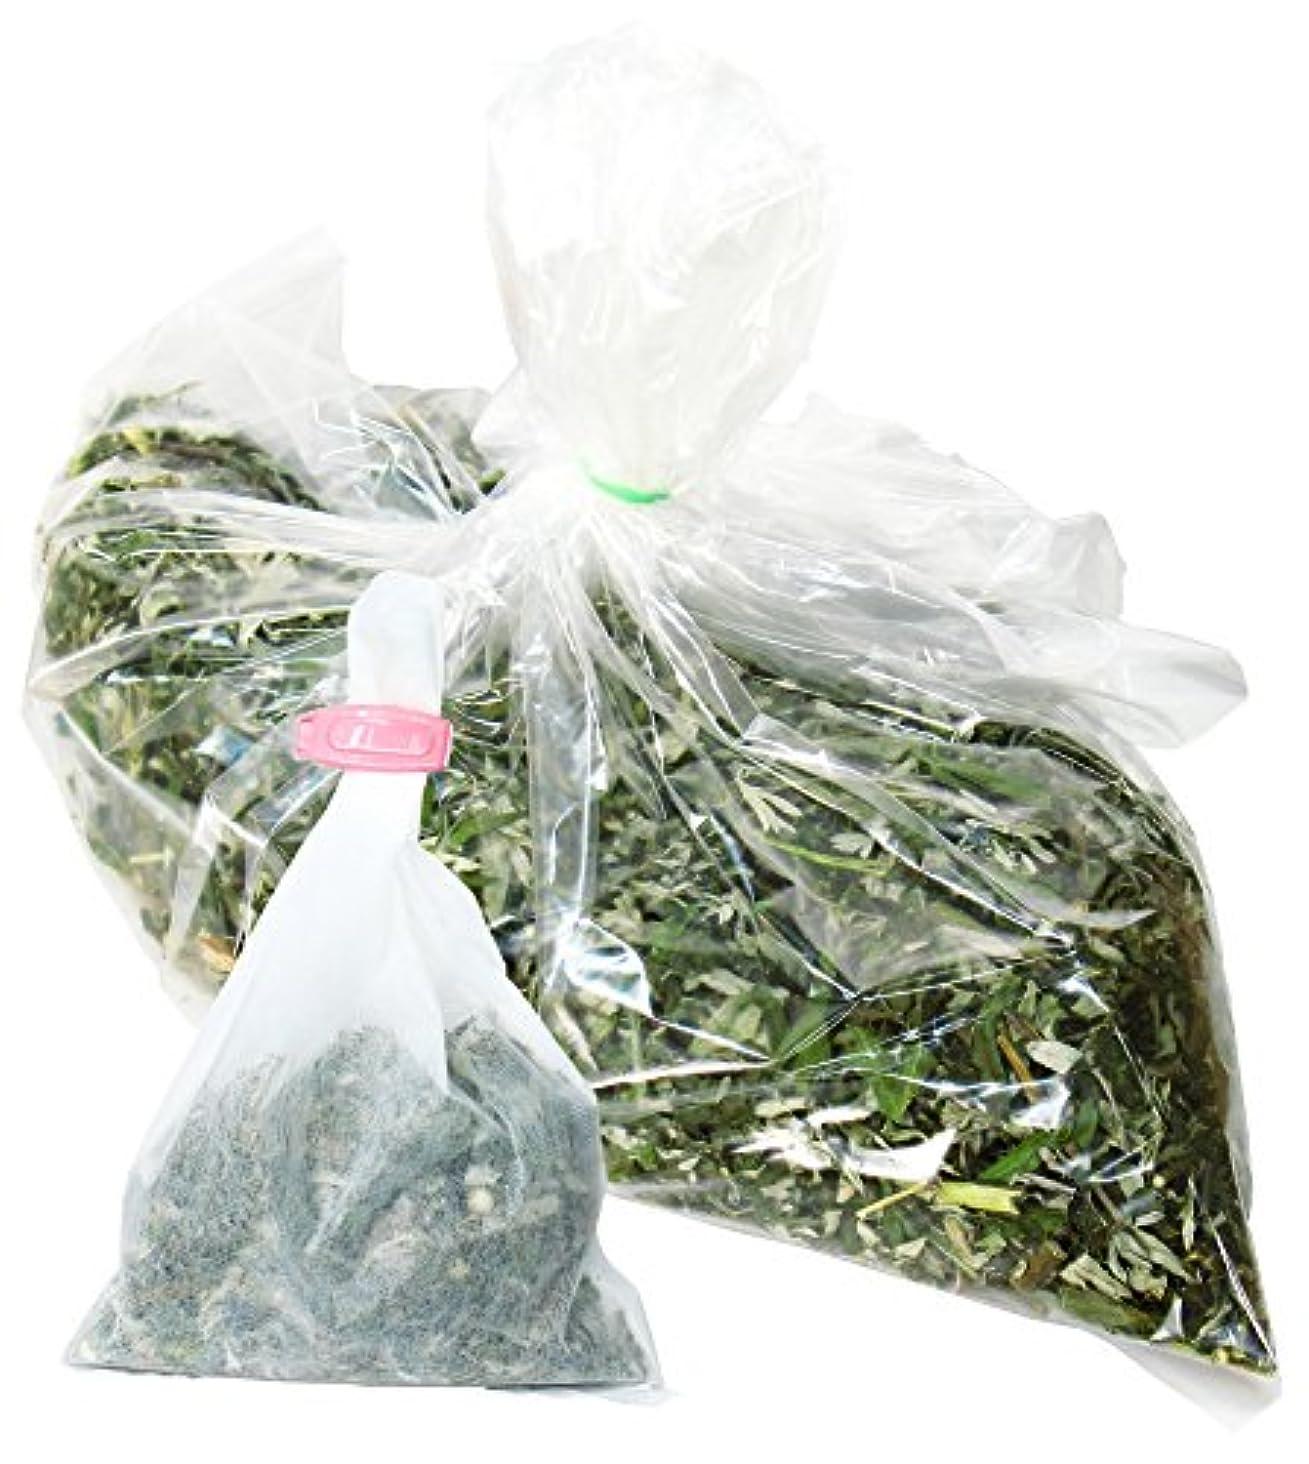 エンドテーブル依存する無駄な自然健康社 よもぎ蒸しのよもぎ 250g 乾燥刻み 煮出し袋10枚付